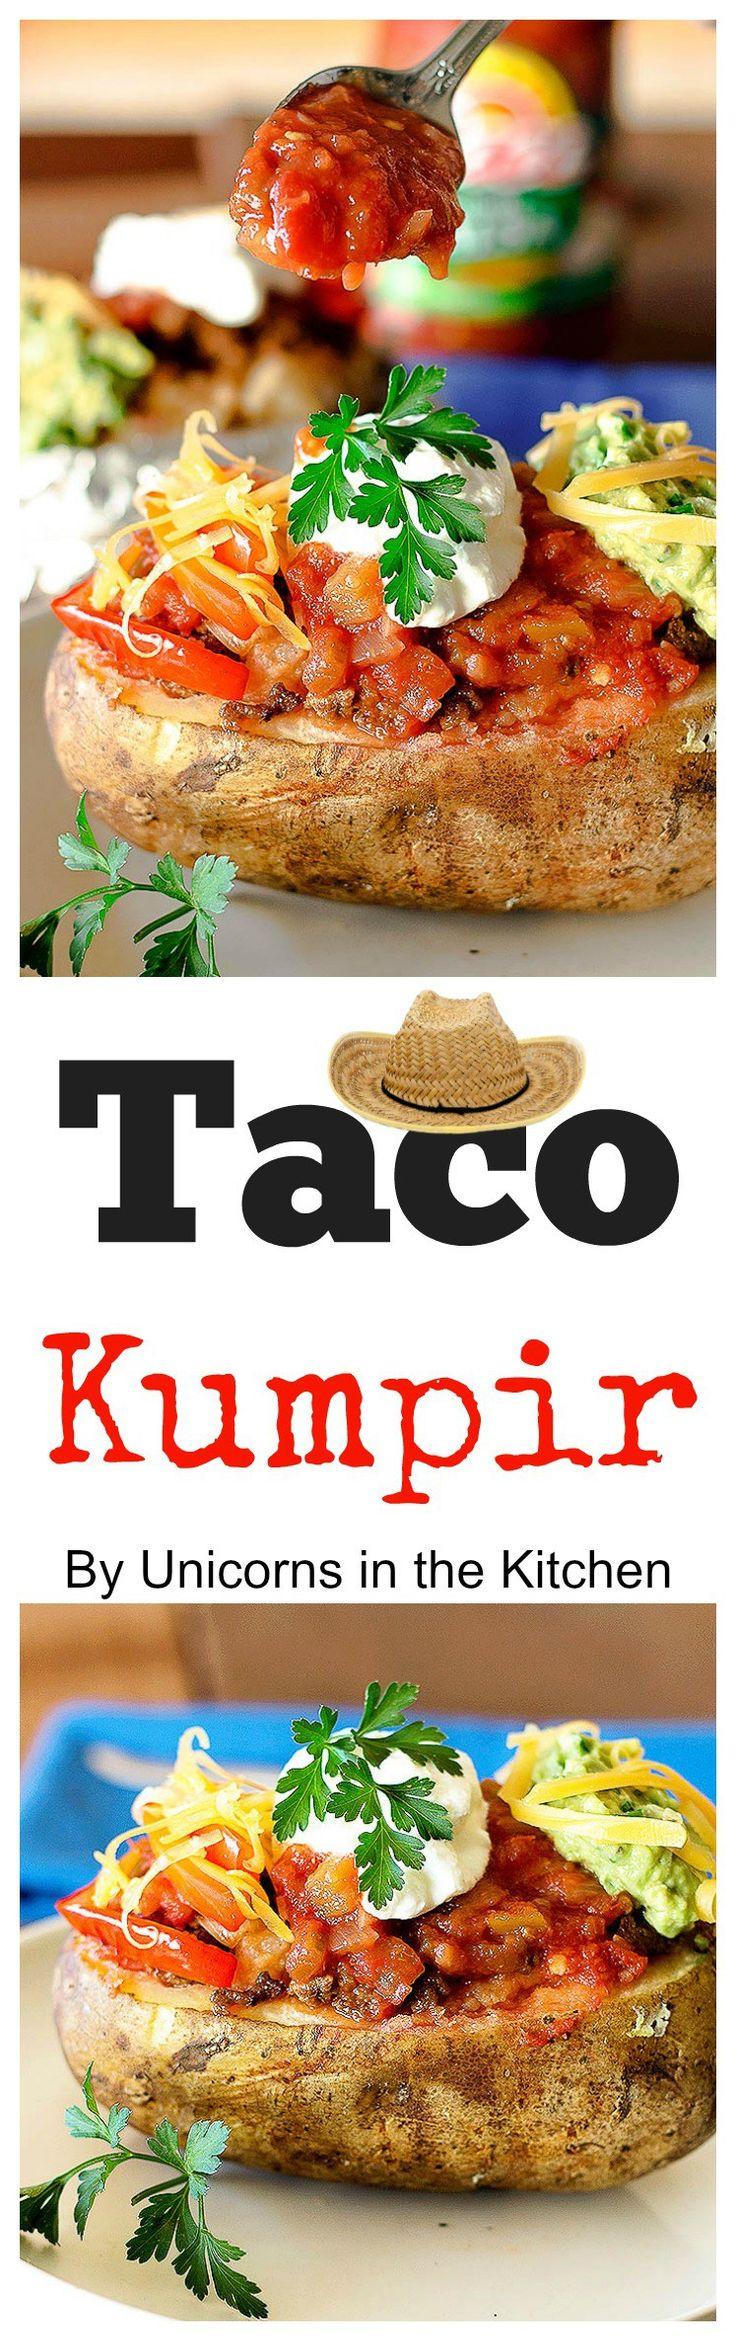 Taco Kumpir